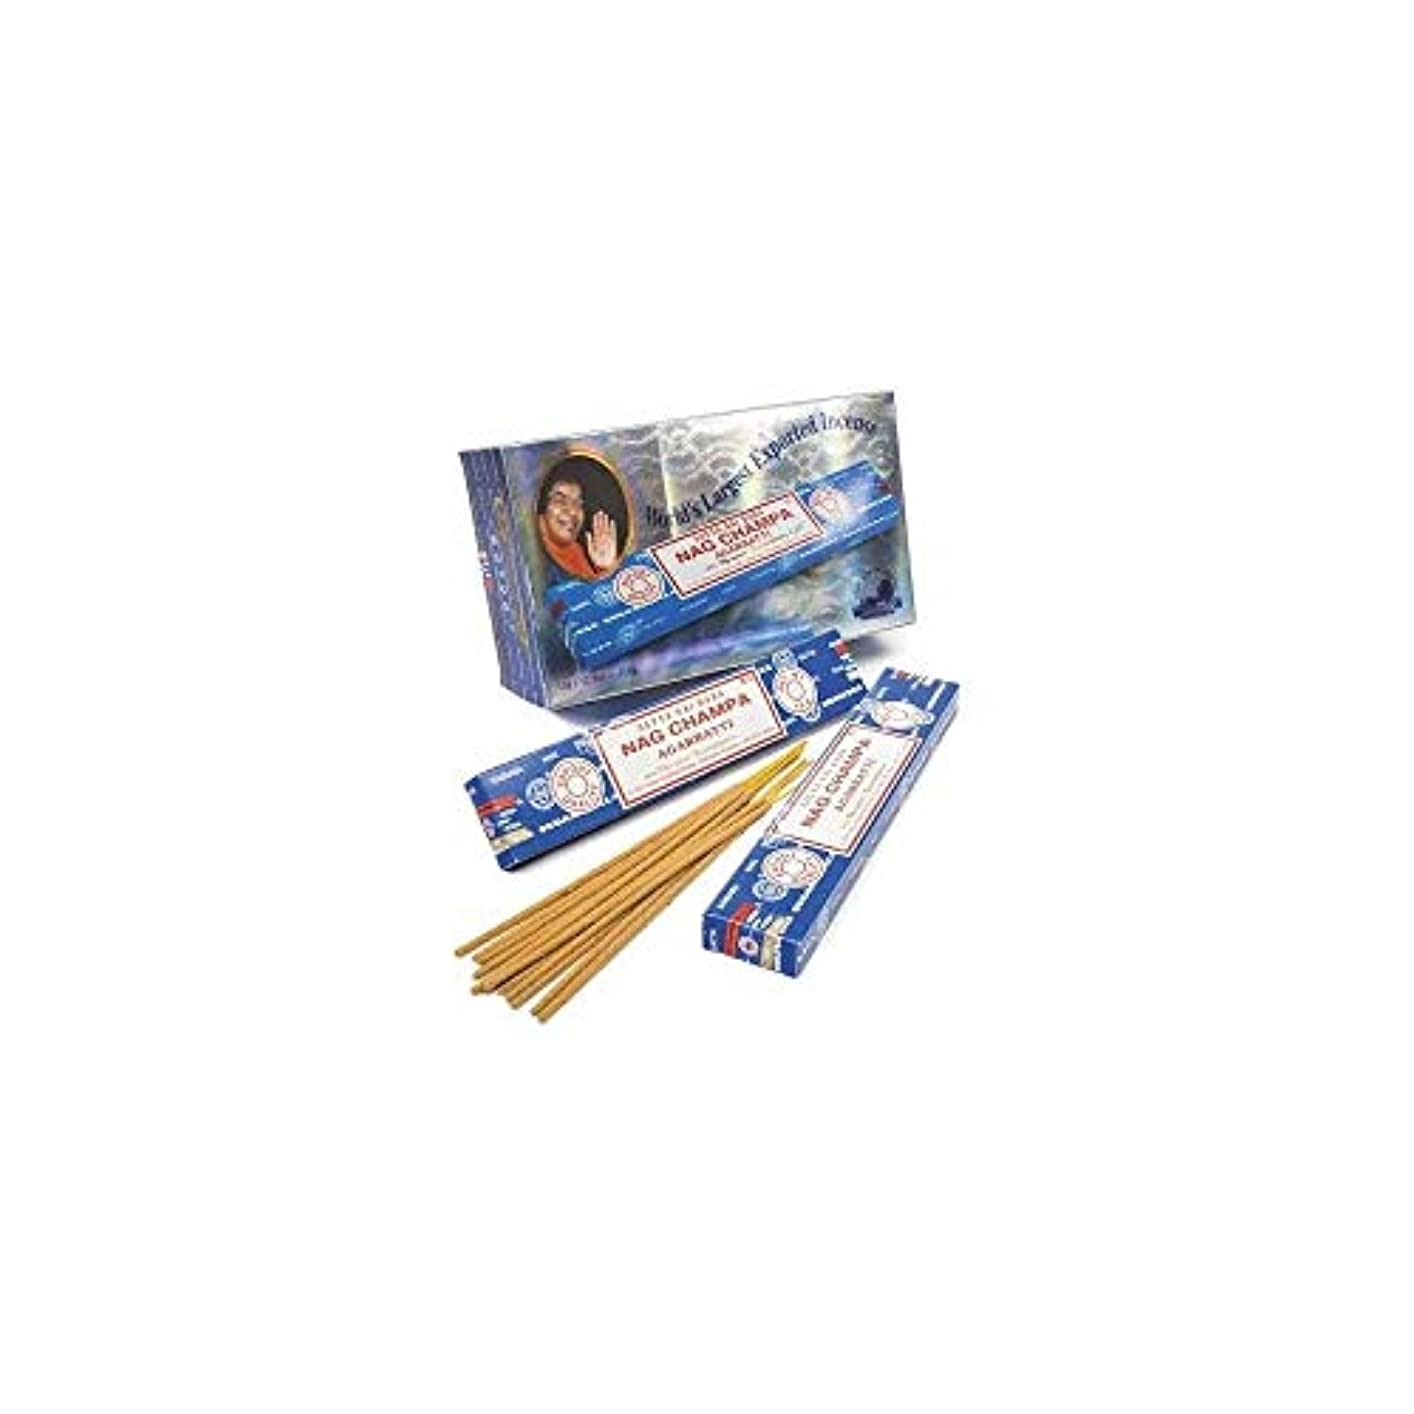 クランプ根拠不道徳Box Of 12 Packs Of 15g Nag Champa Incense Sticks By Satya